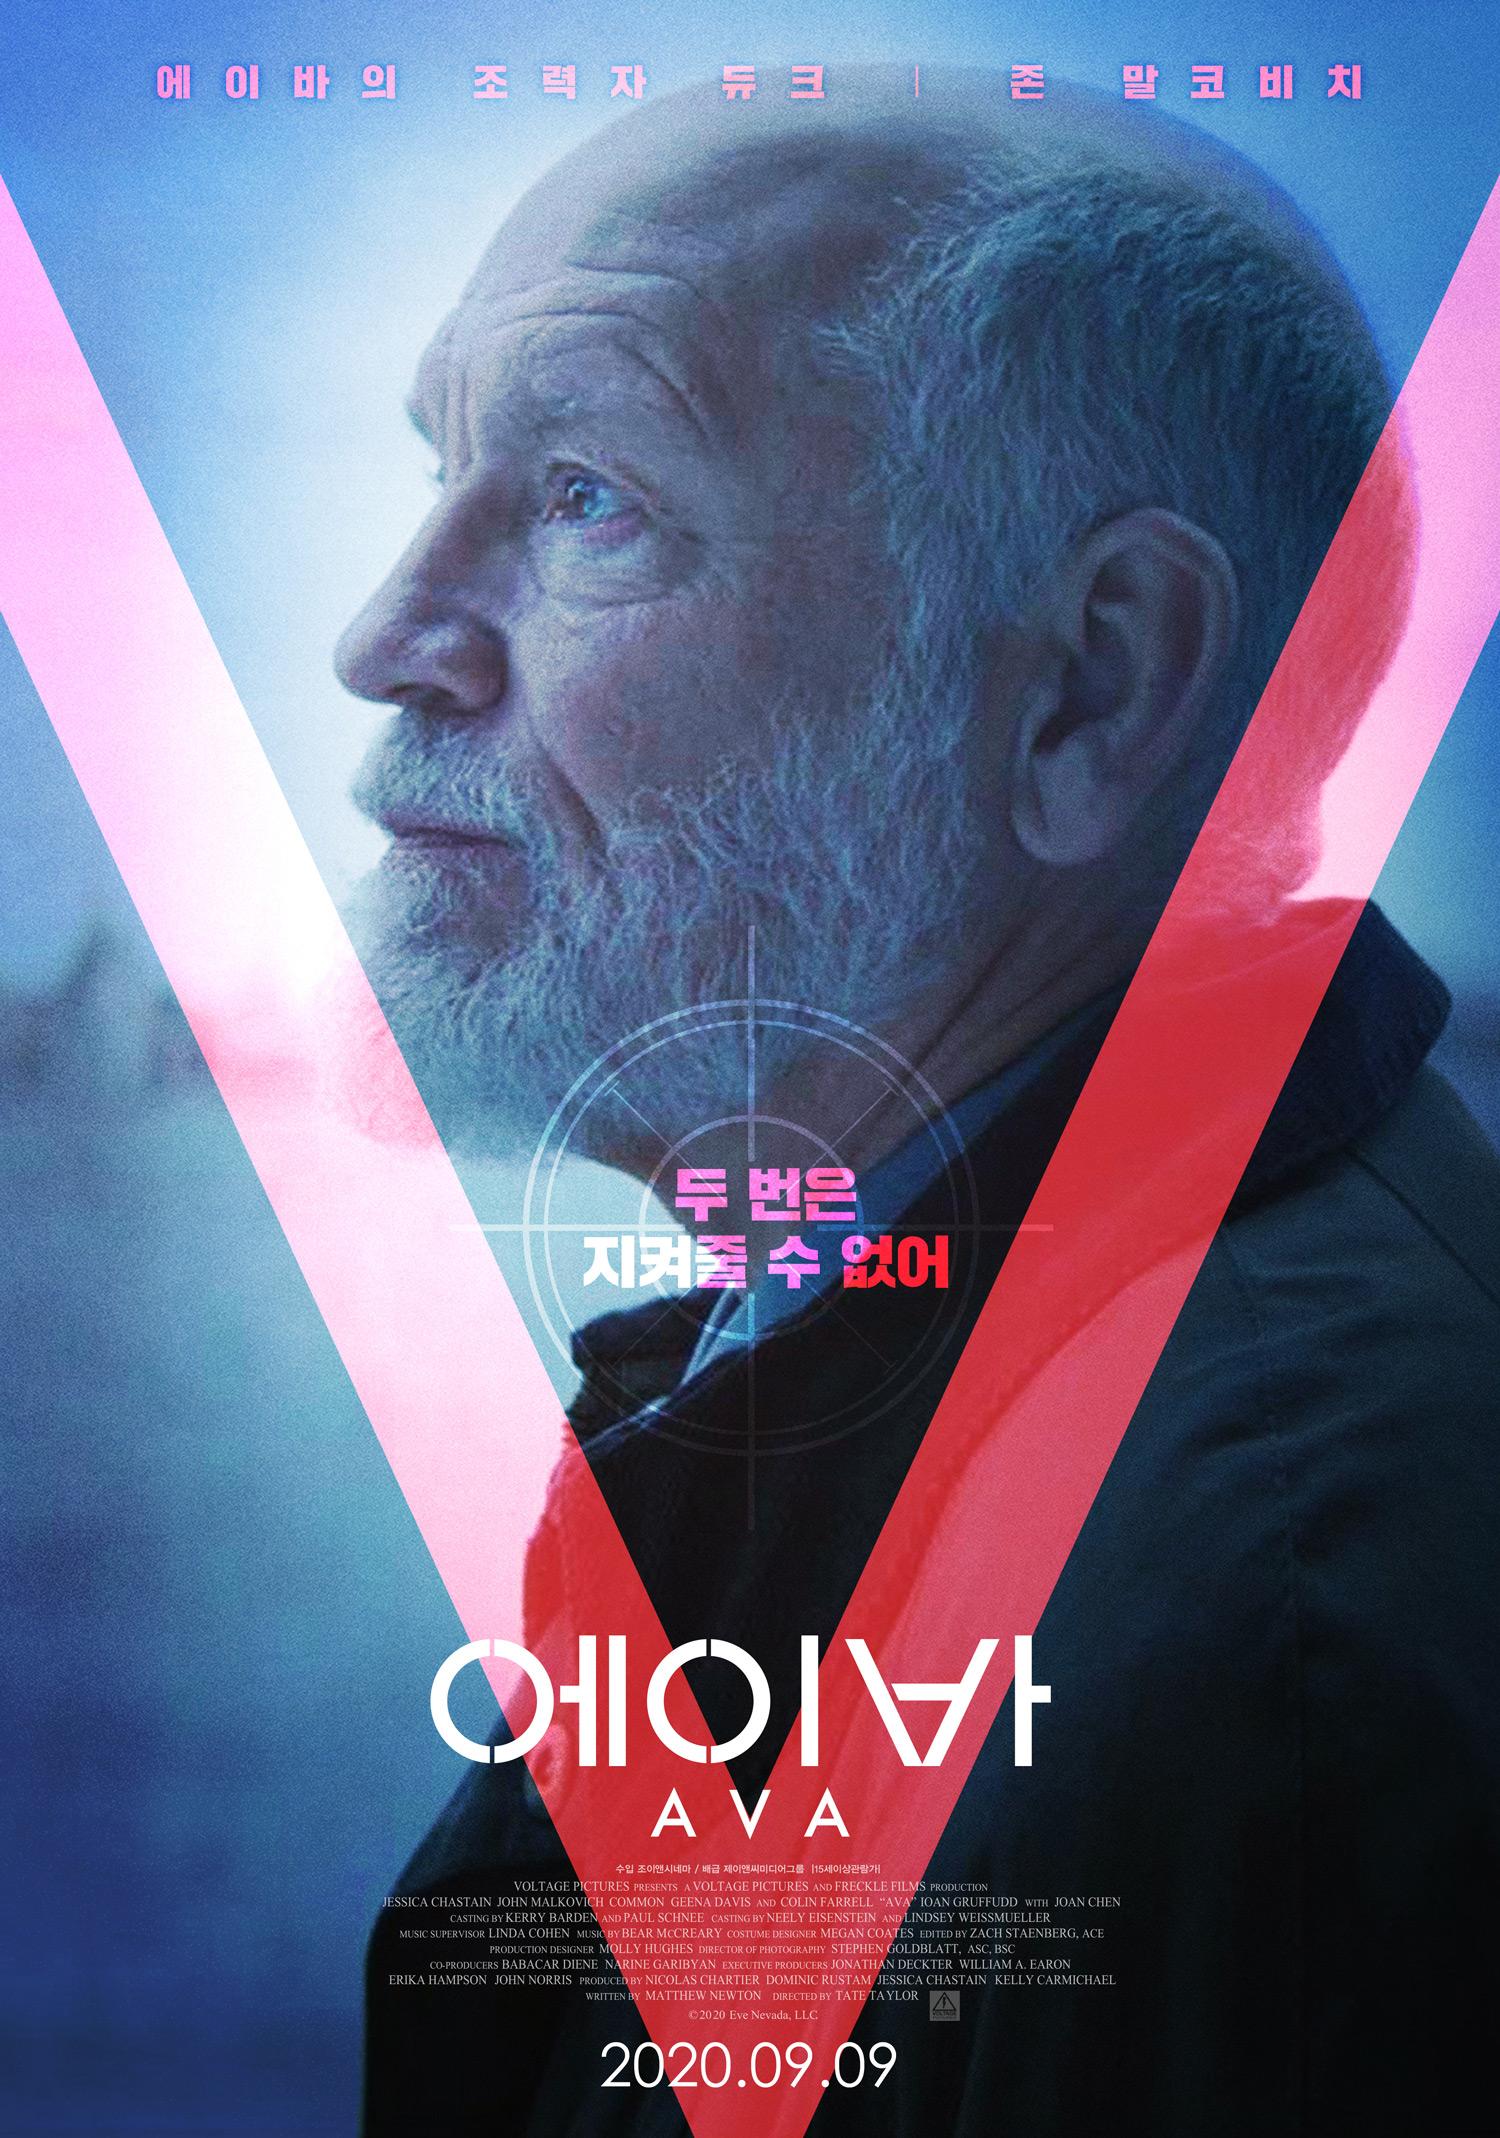 영화 '에이바' 포스터. 사진 조이앤시네마